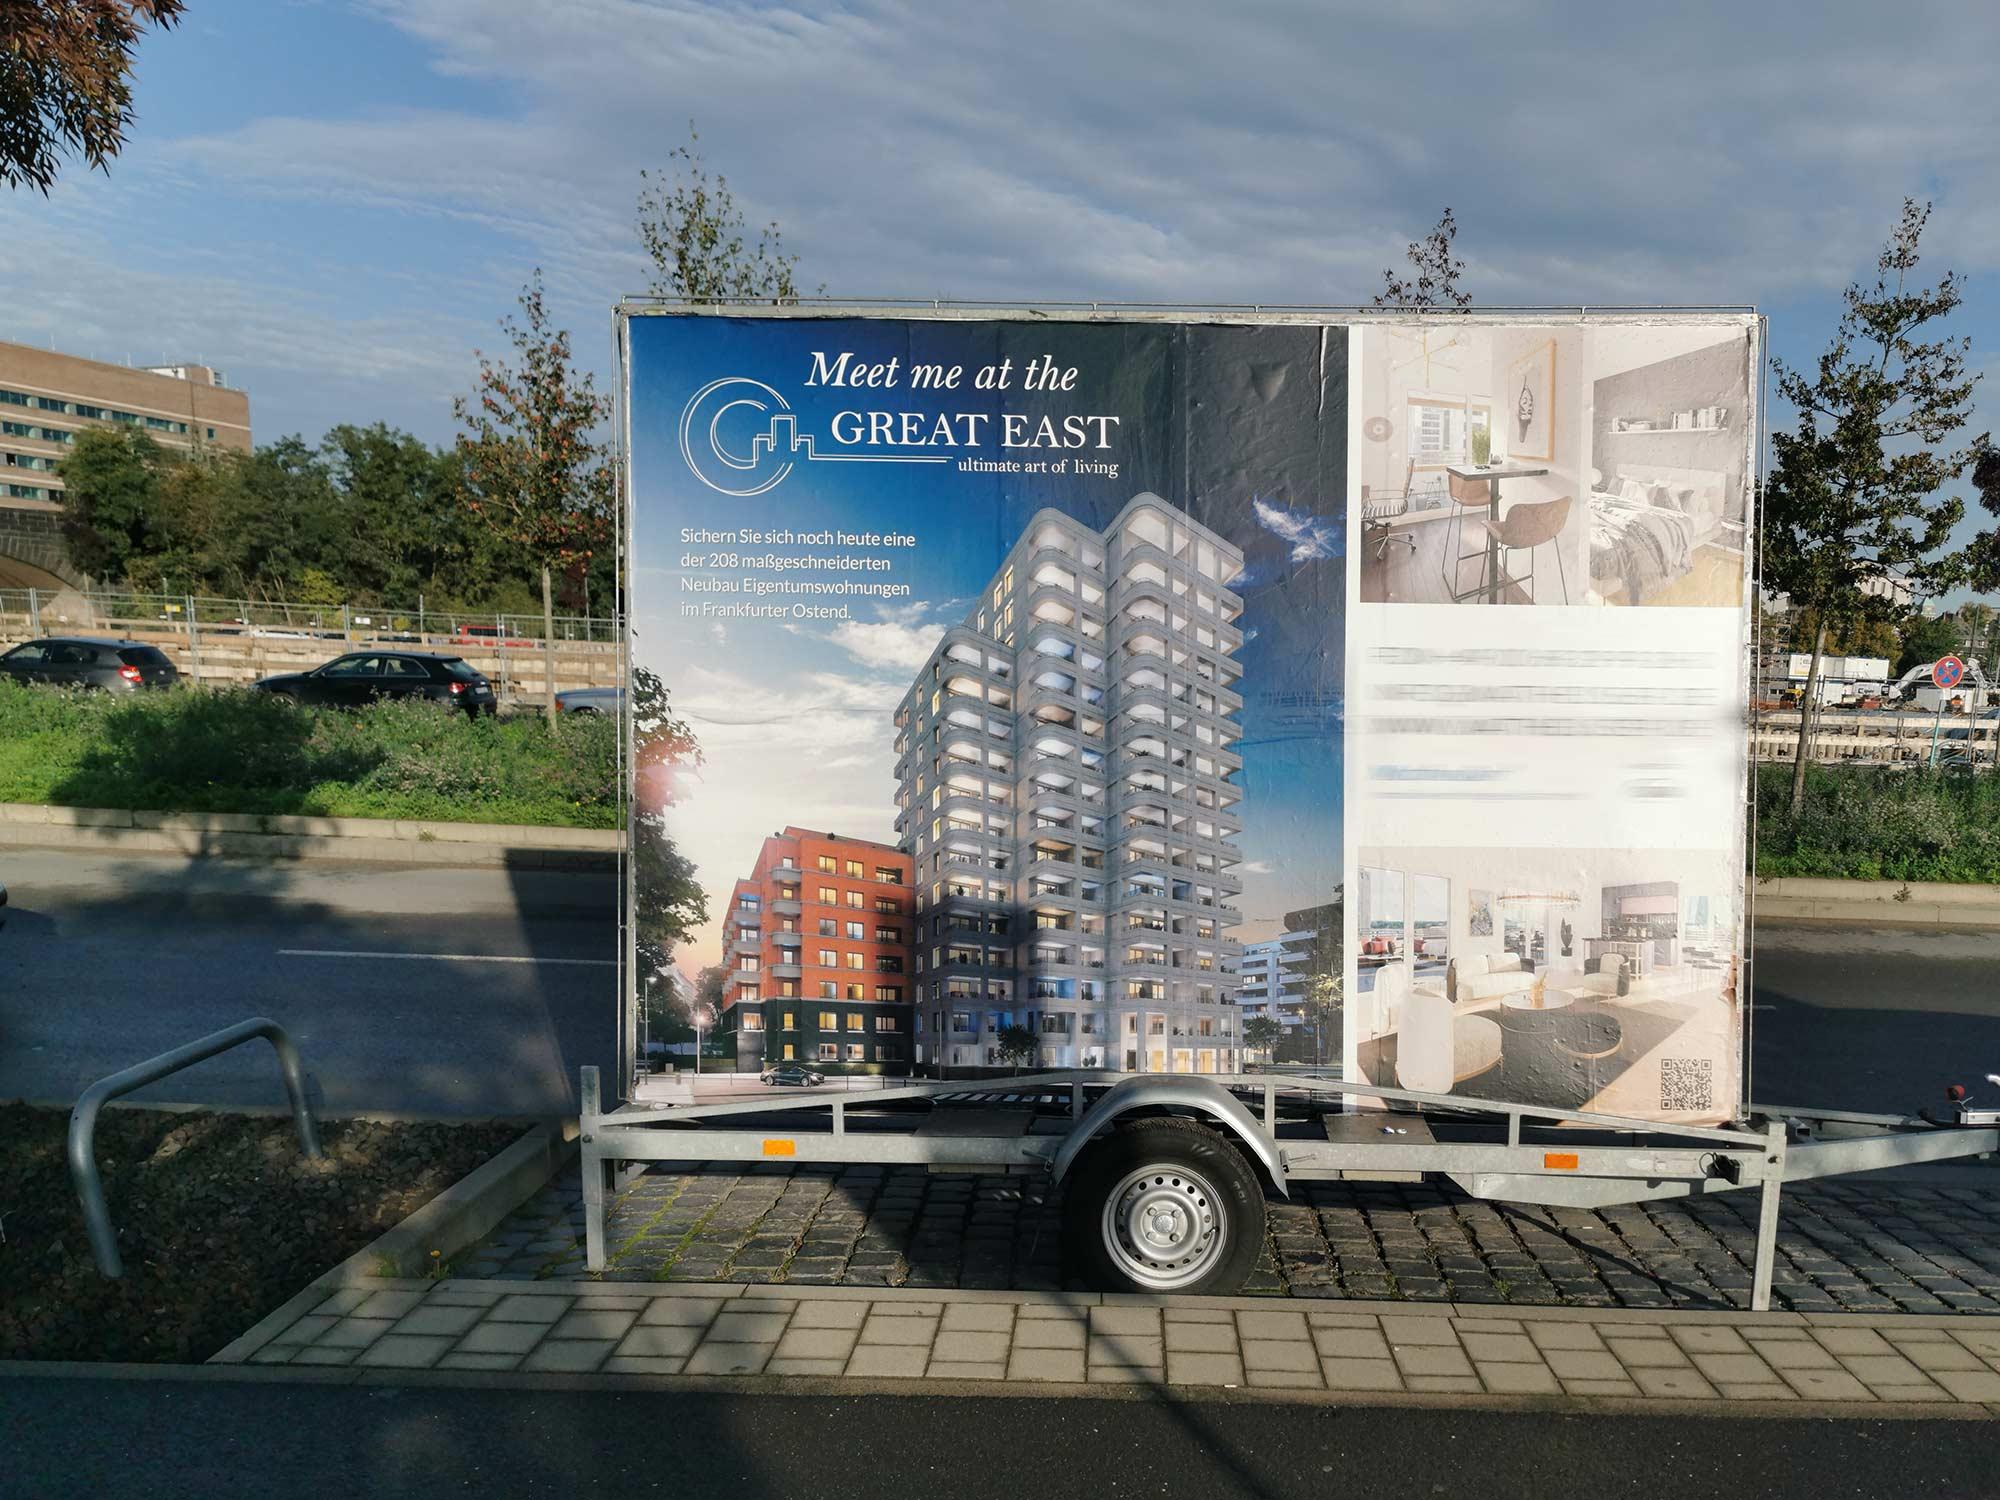 Werbeschild The Great East Frankfurt - Hochhaus mit Eigentumswohnungen im Ostend Frankfurt am Main - Immobilienangebot Neubau Wohnungen